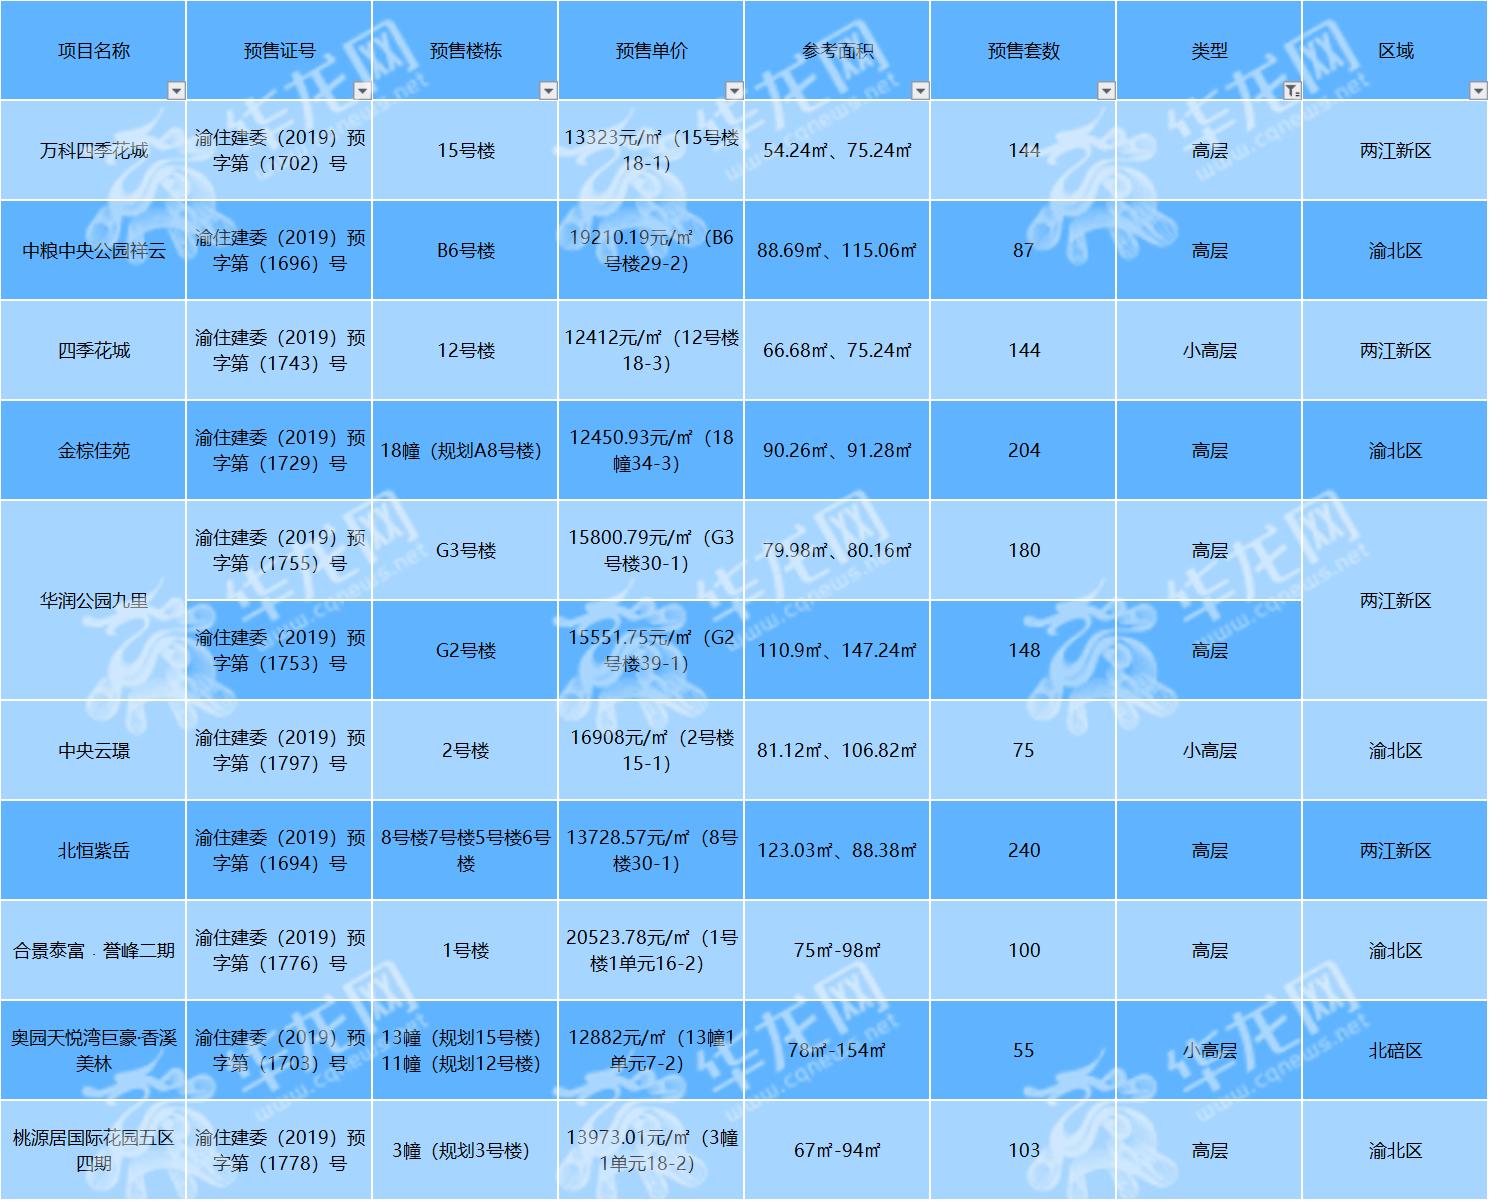 年底推盘潮开启!7623套房源集中上线 南北西三区势均力敌?-中国网地产